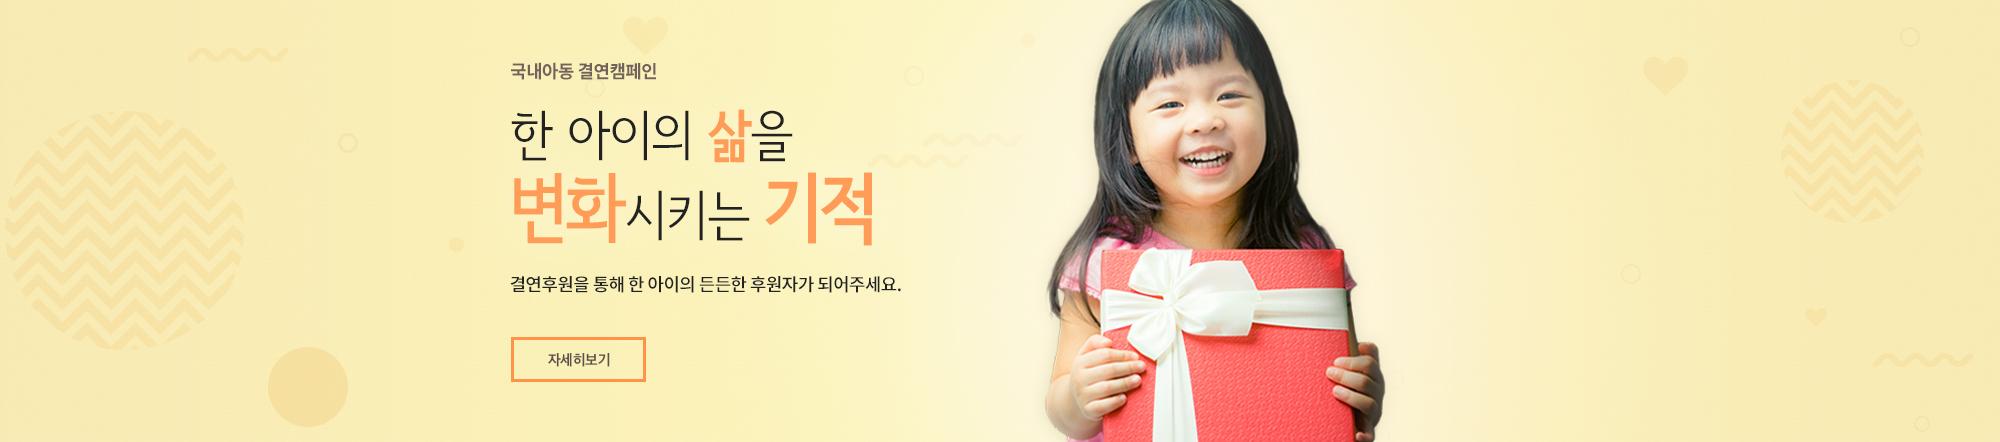 국내아동결연 캠페인